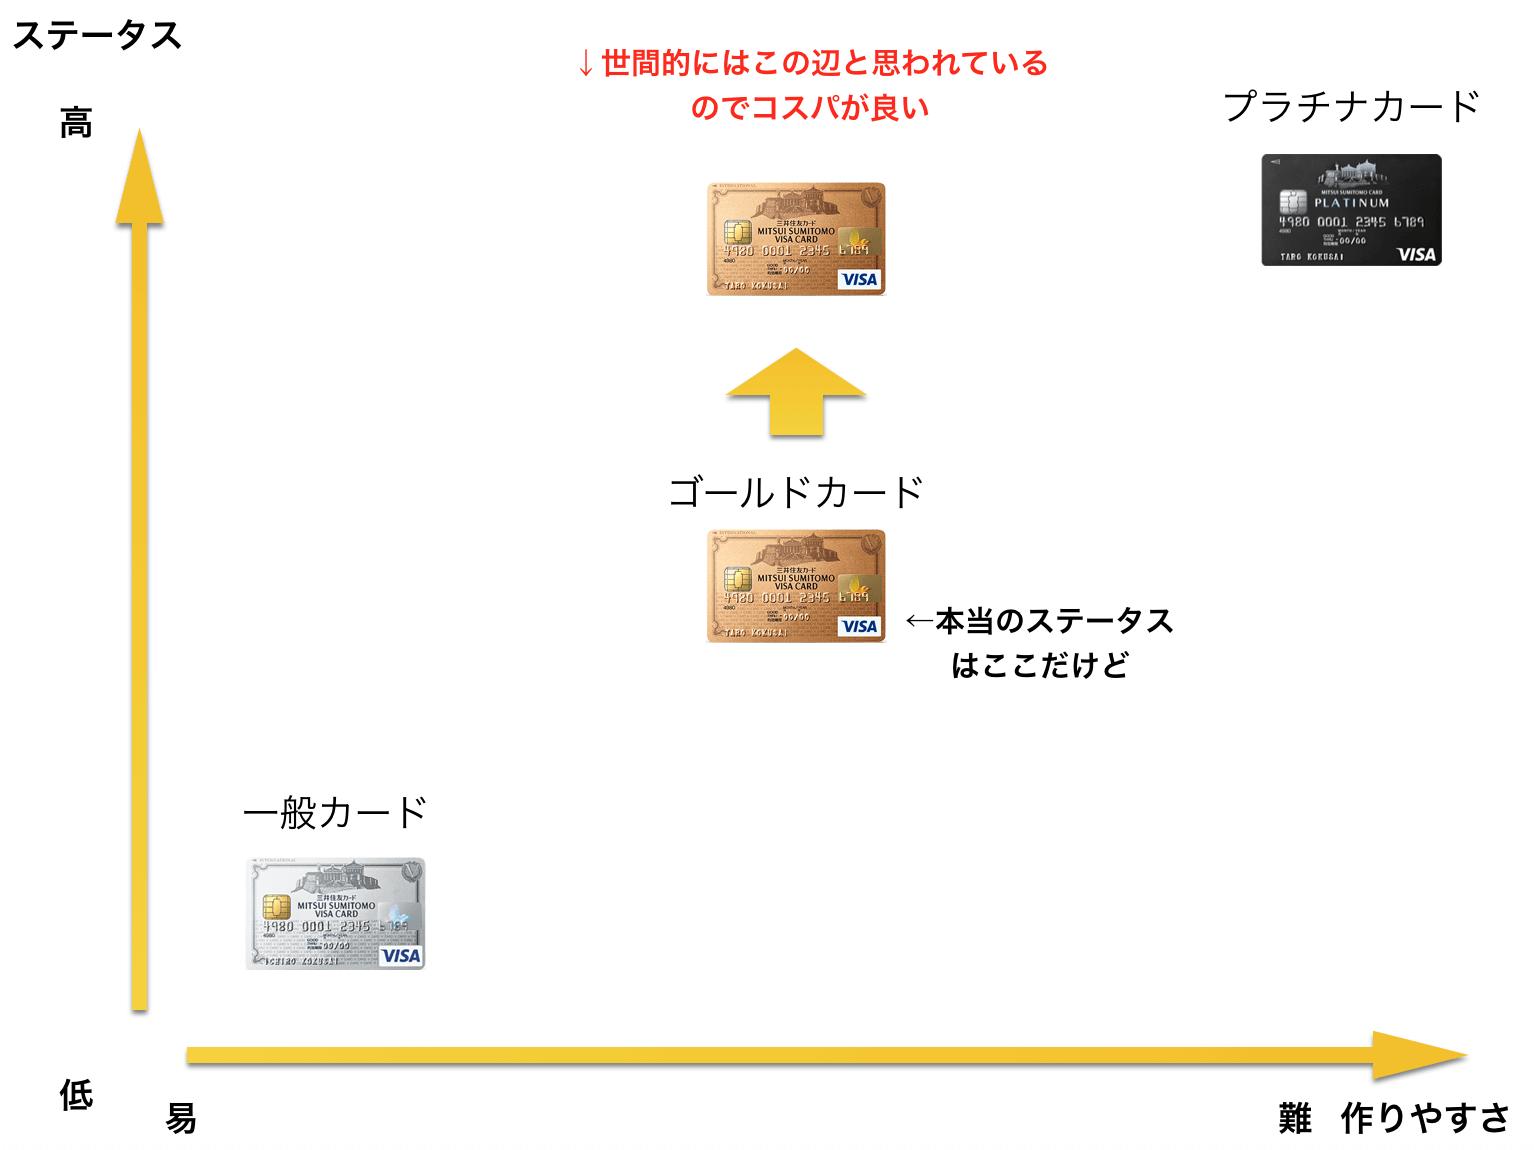 ゴールドカード ステータス 図解1